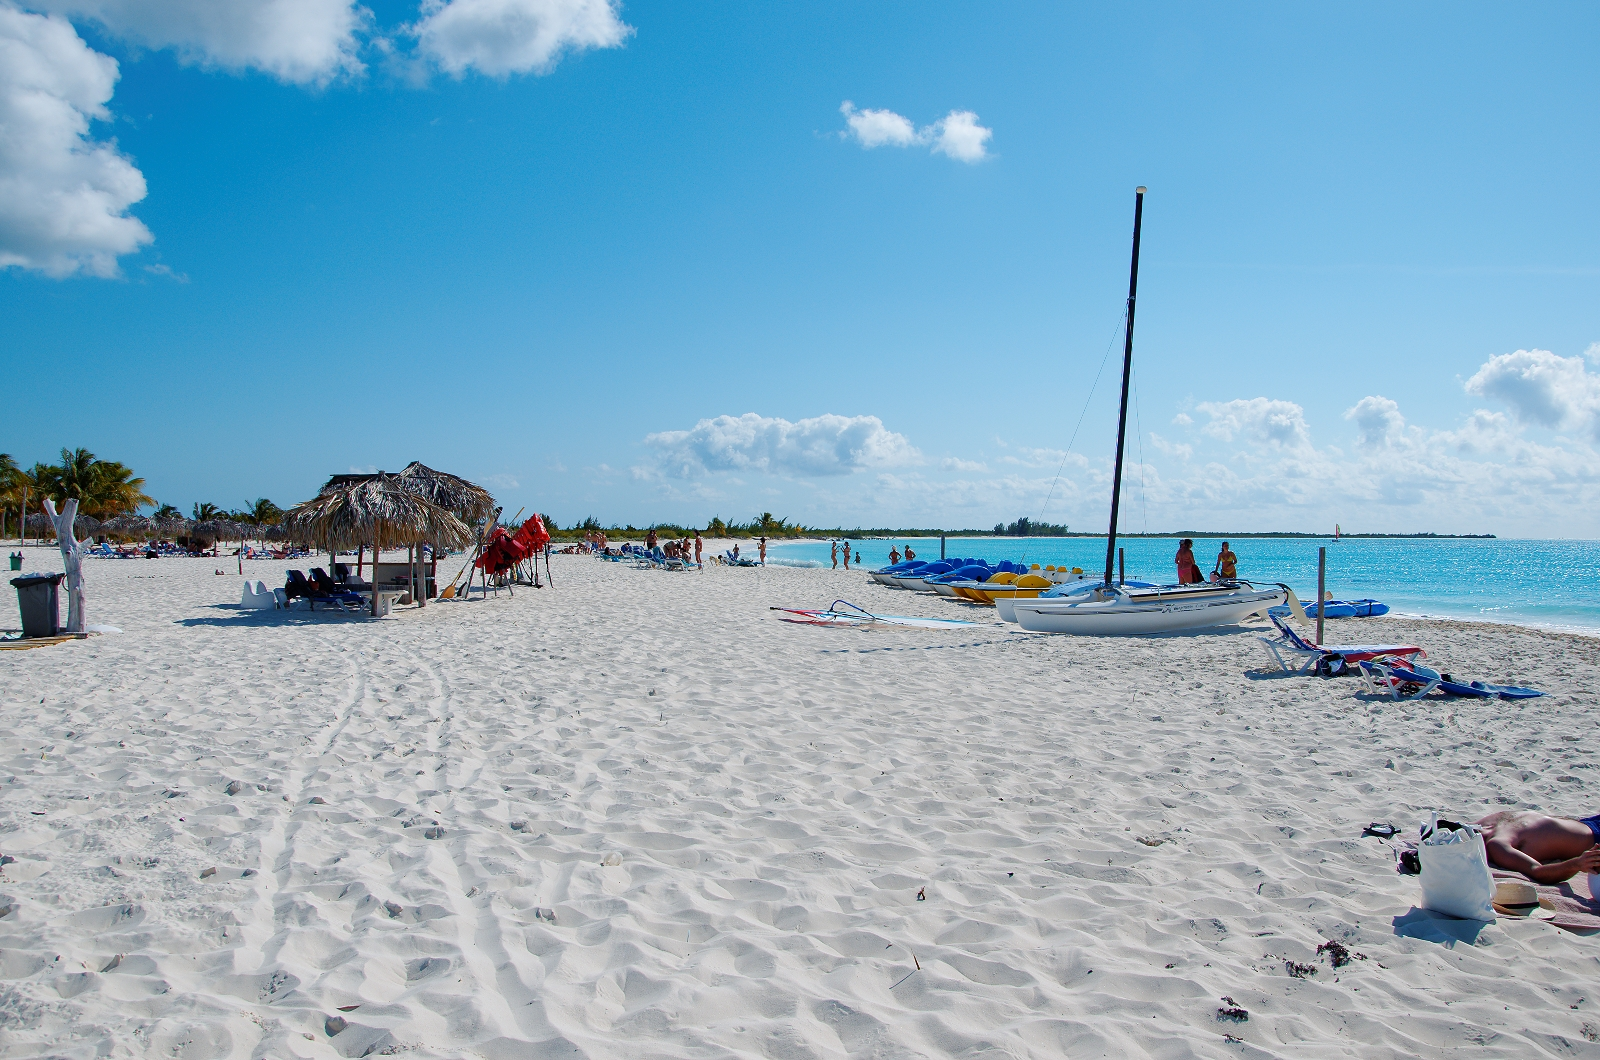 Нудистский пляж  Форум и отзывы  Дагомыс